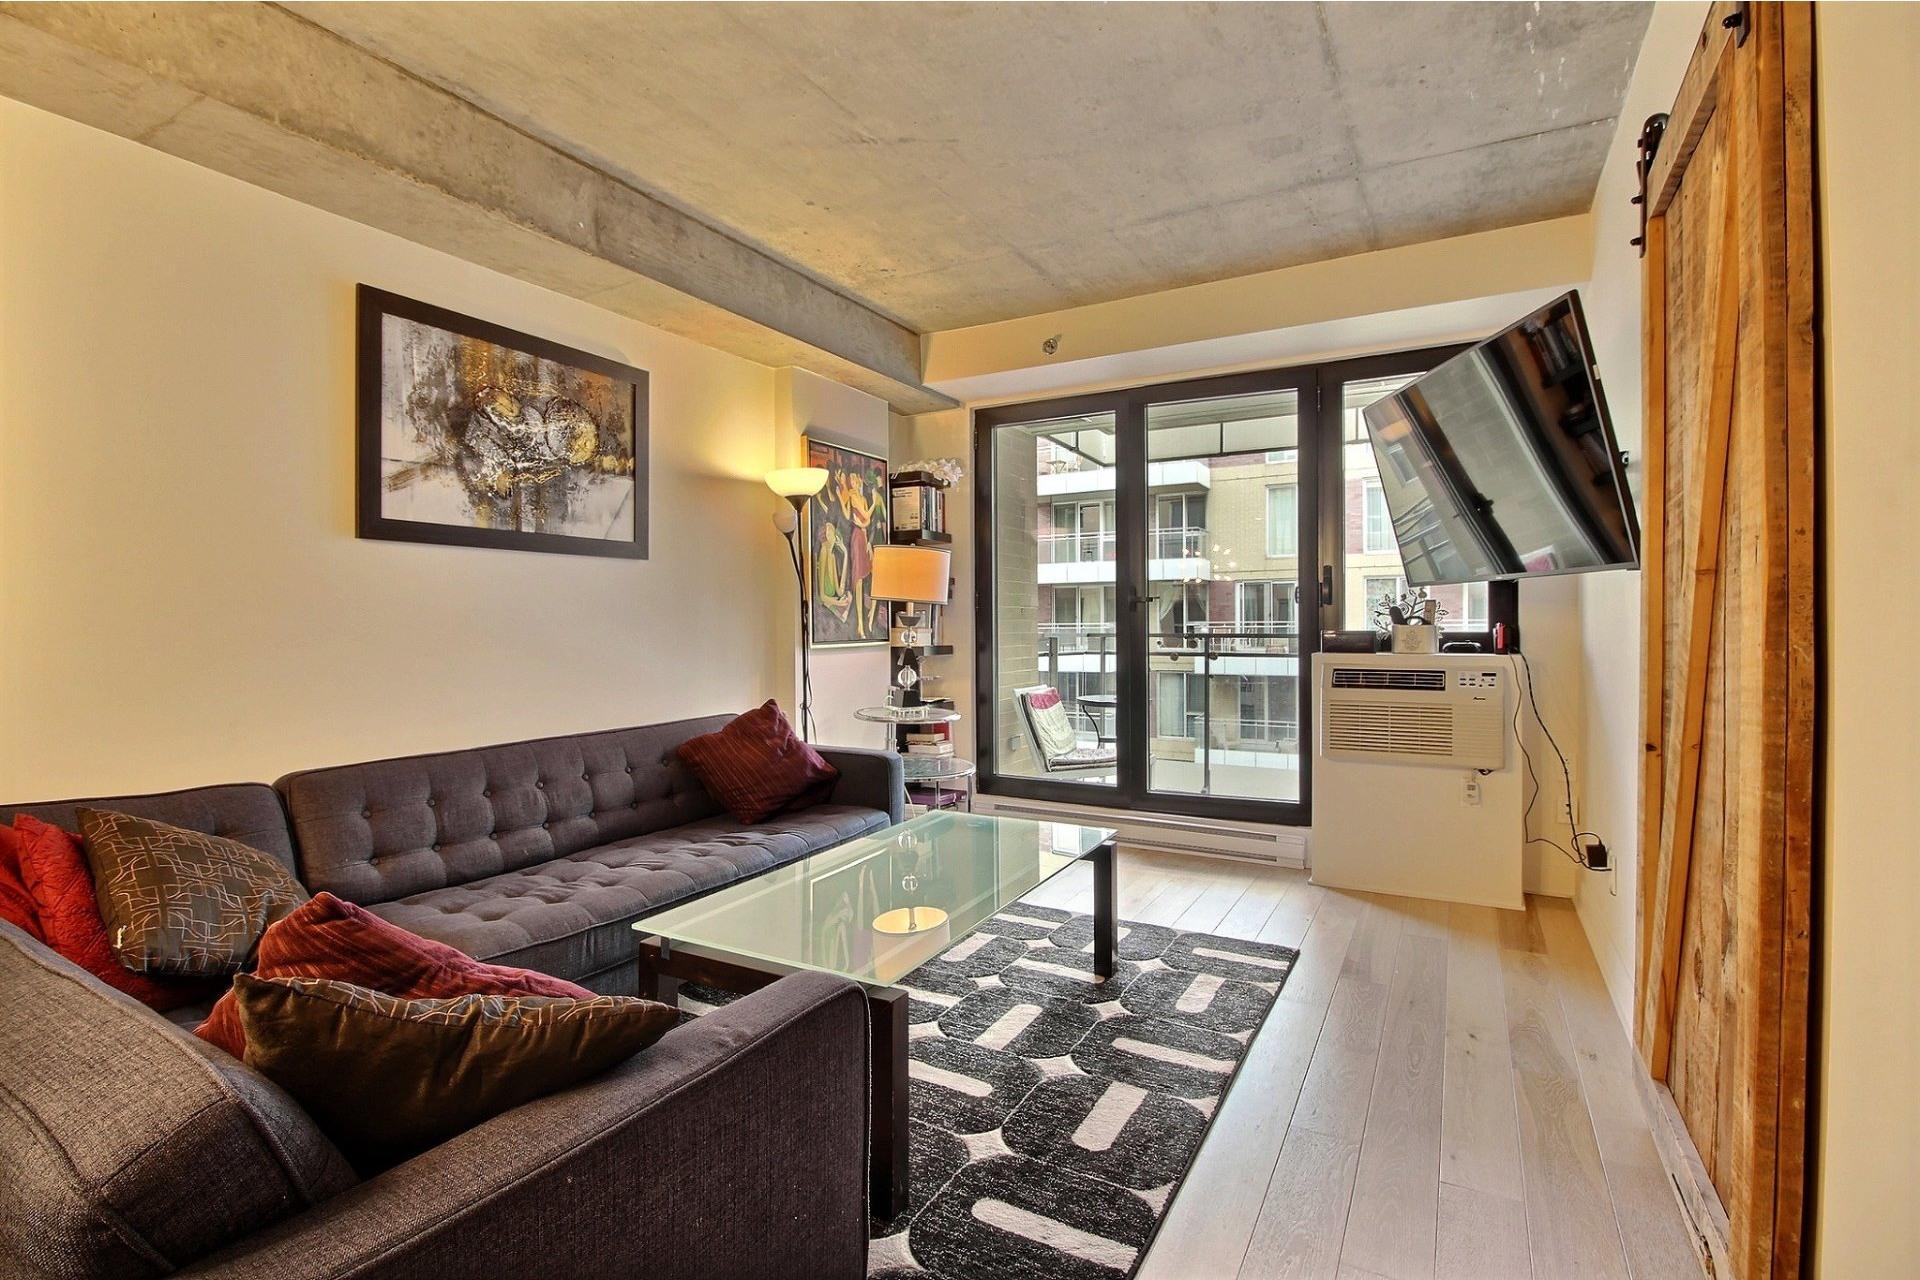 image 2 - Apartment For rent Montréal Le Sud-Ouest  - 3 rooms